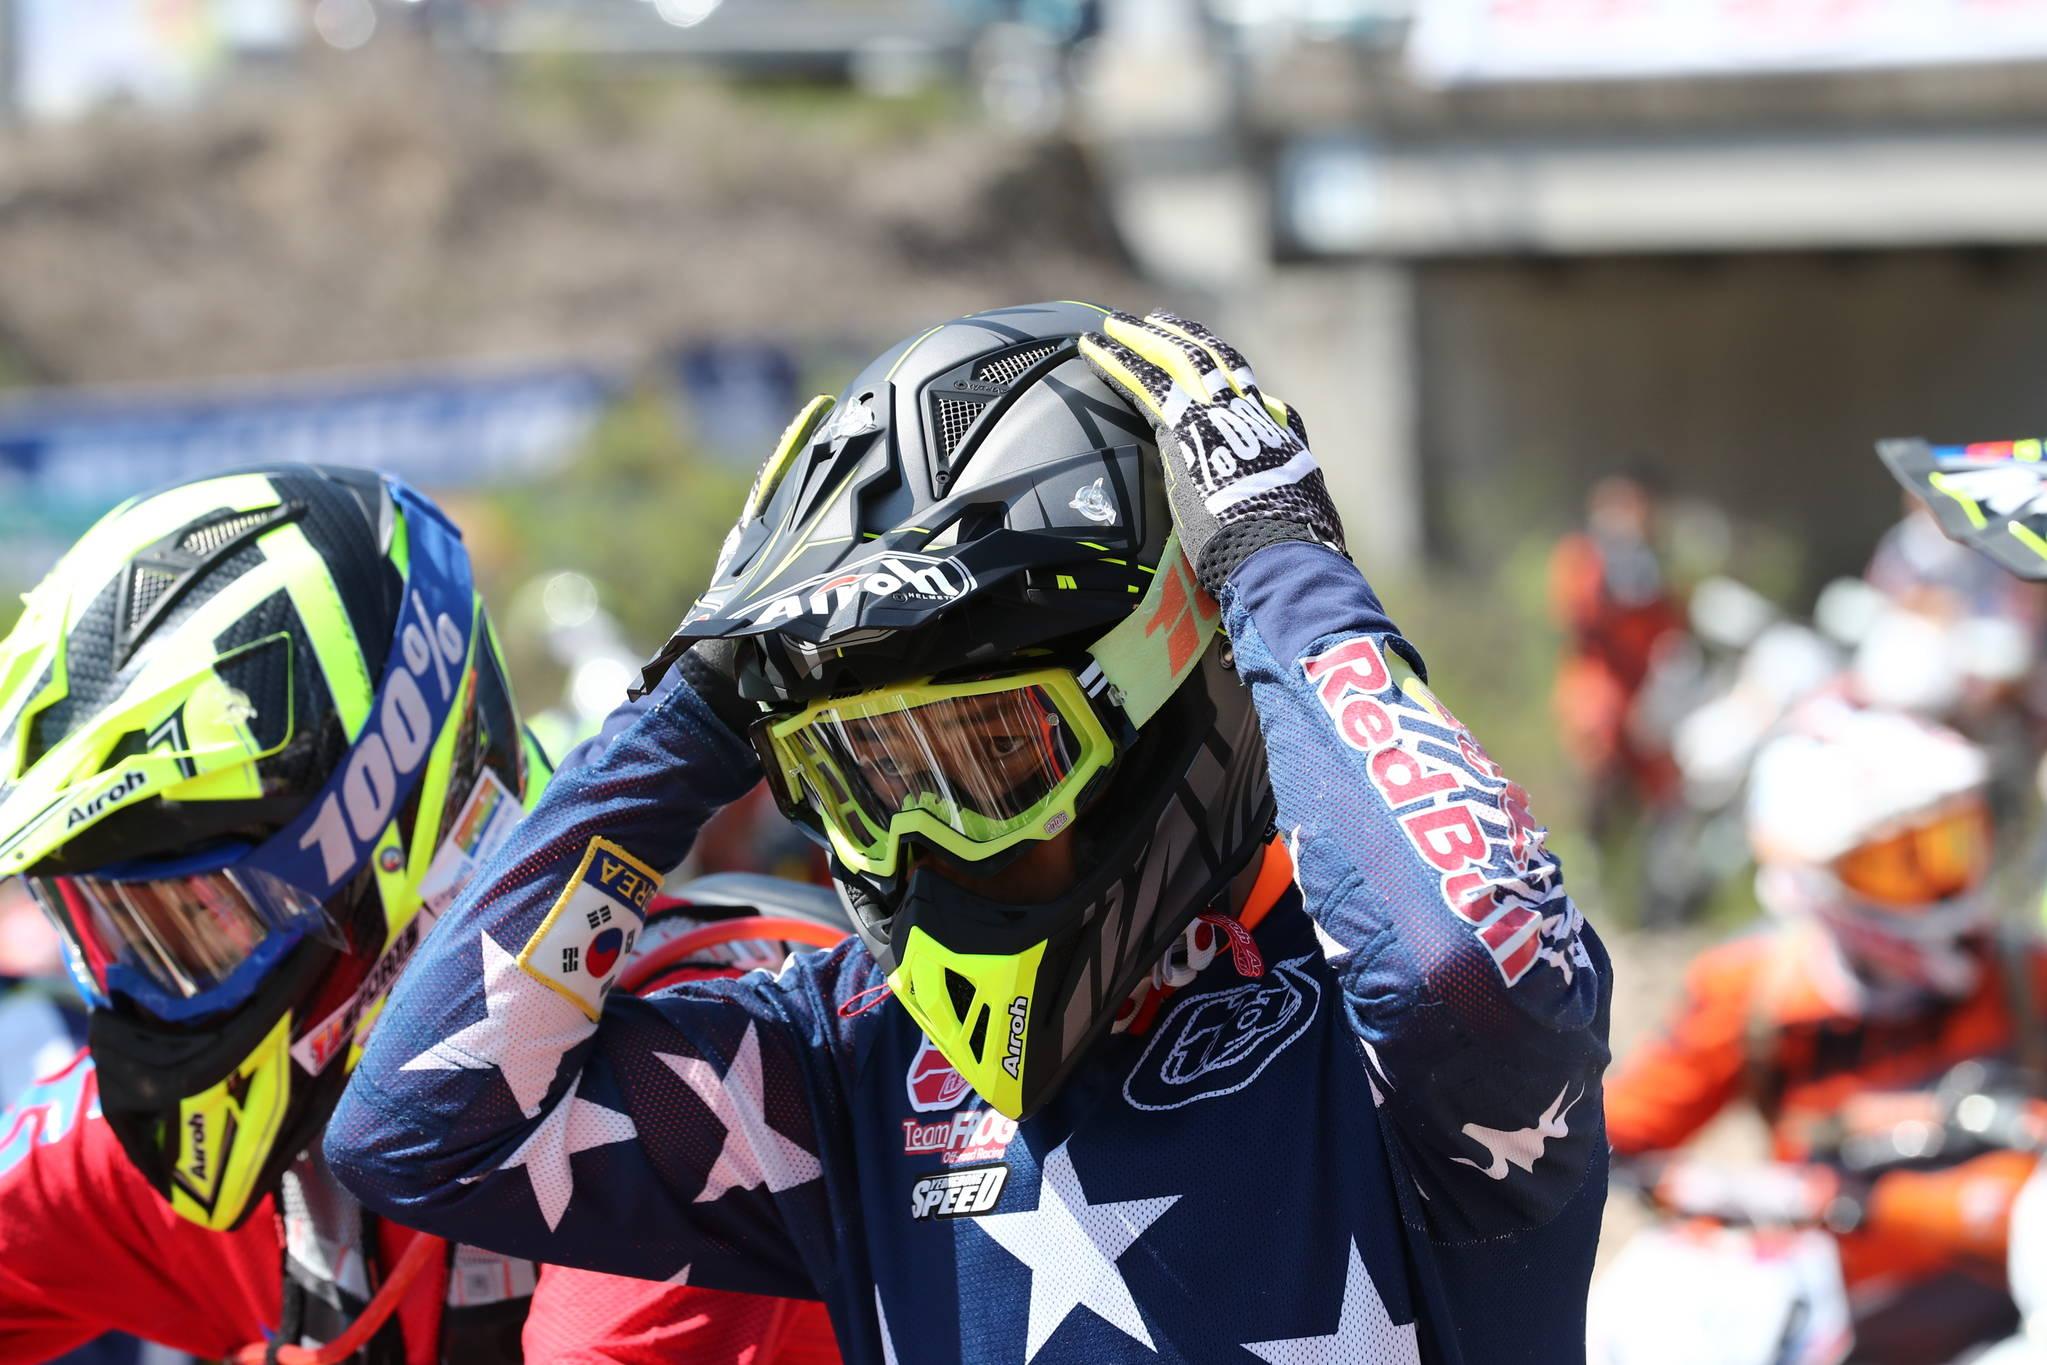 오프로드 전용 헬멧은경기 도중원활한 호흡을 위해 턱 부분이 길게 튀어나와 있다.